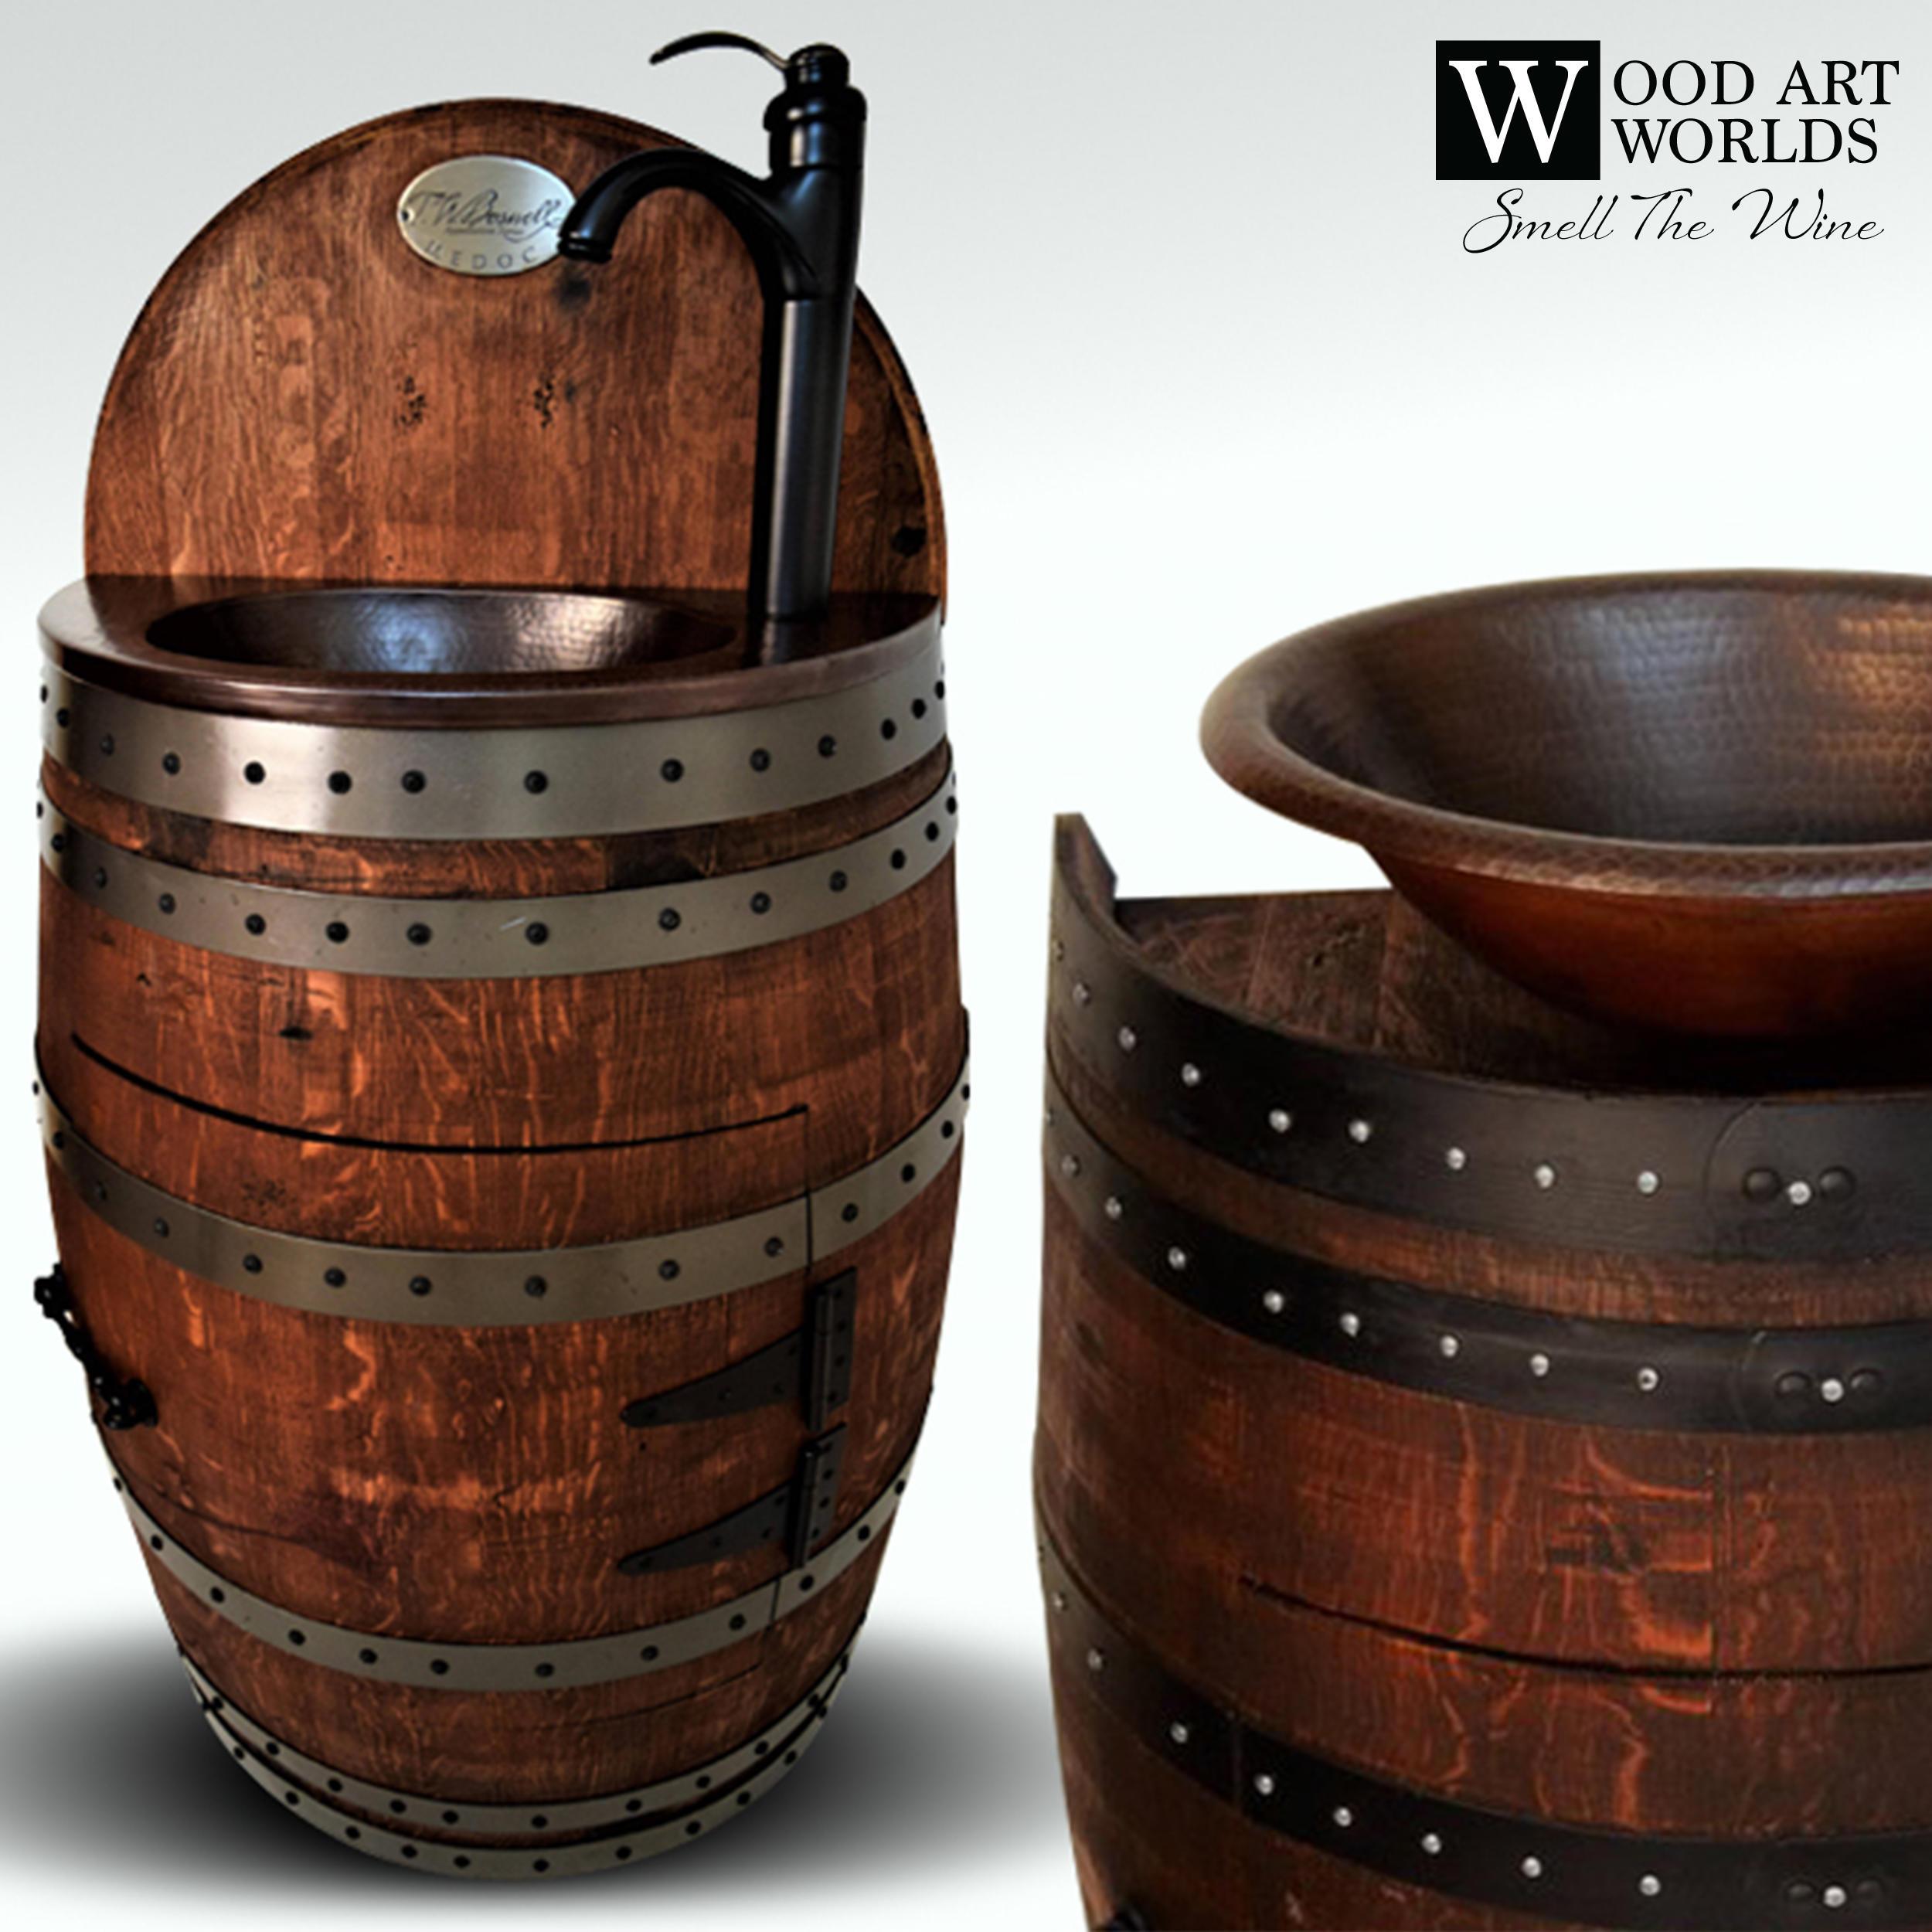 Wood Art Worlds image 0